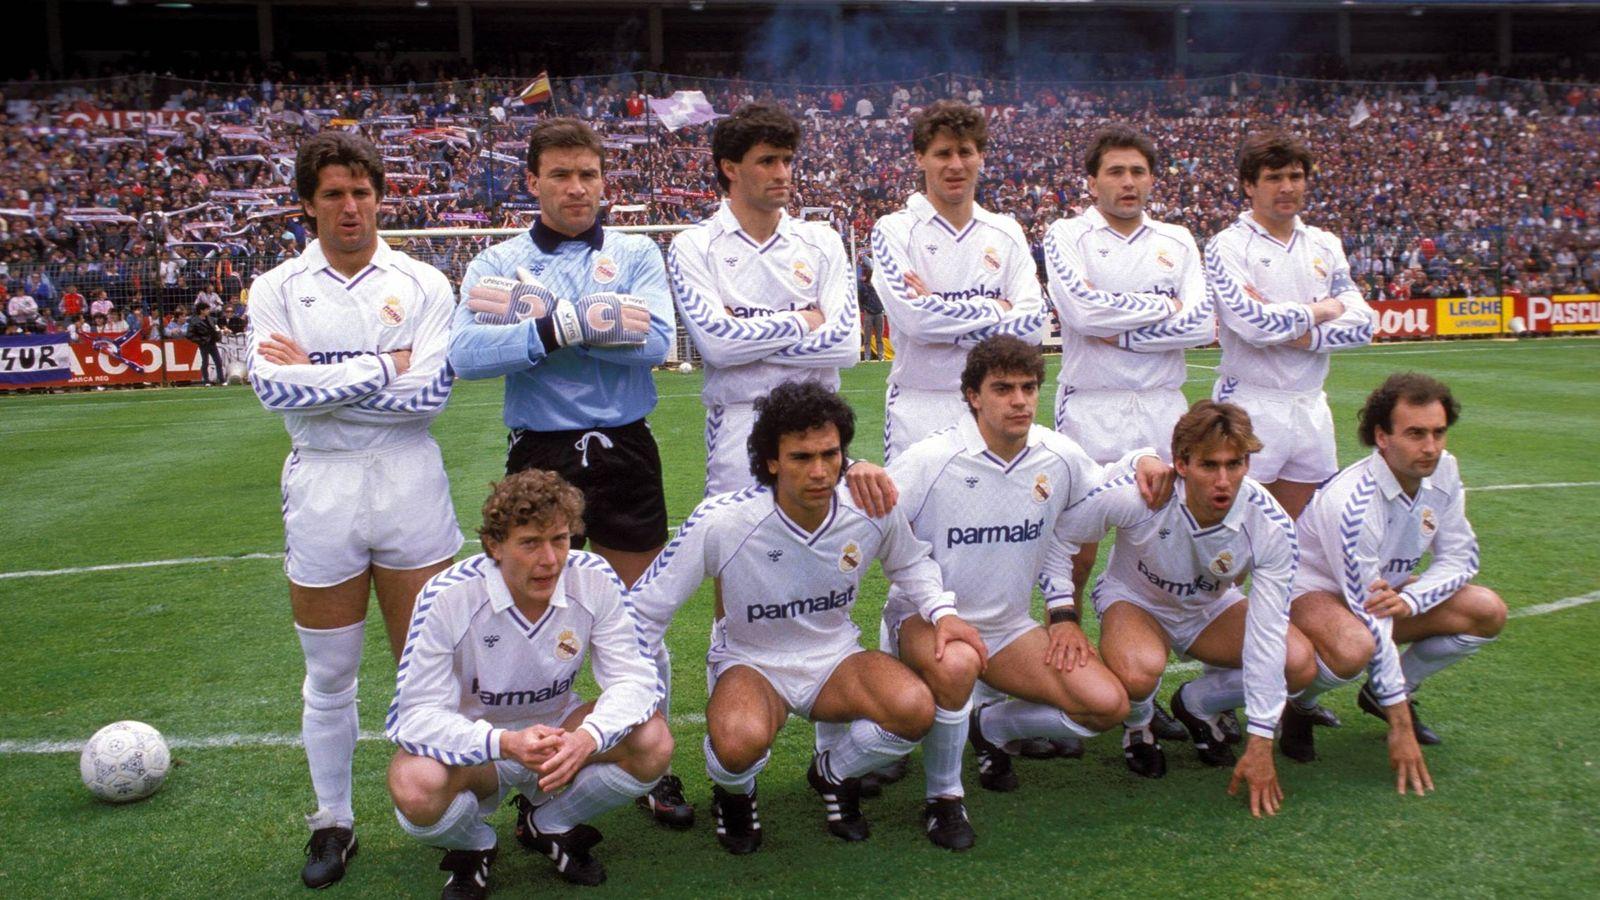 Foto: Chendo, Buyo, Míchel, Tendillo, Gordillo, Camacho, (agachados) Butragueño, Hugo Sánchez, Sanchís, Martín Vázquez y Gallego (Imago).